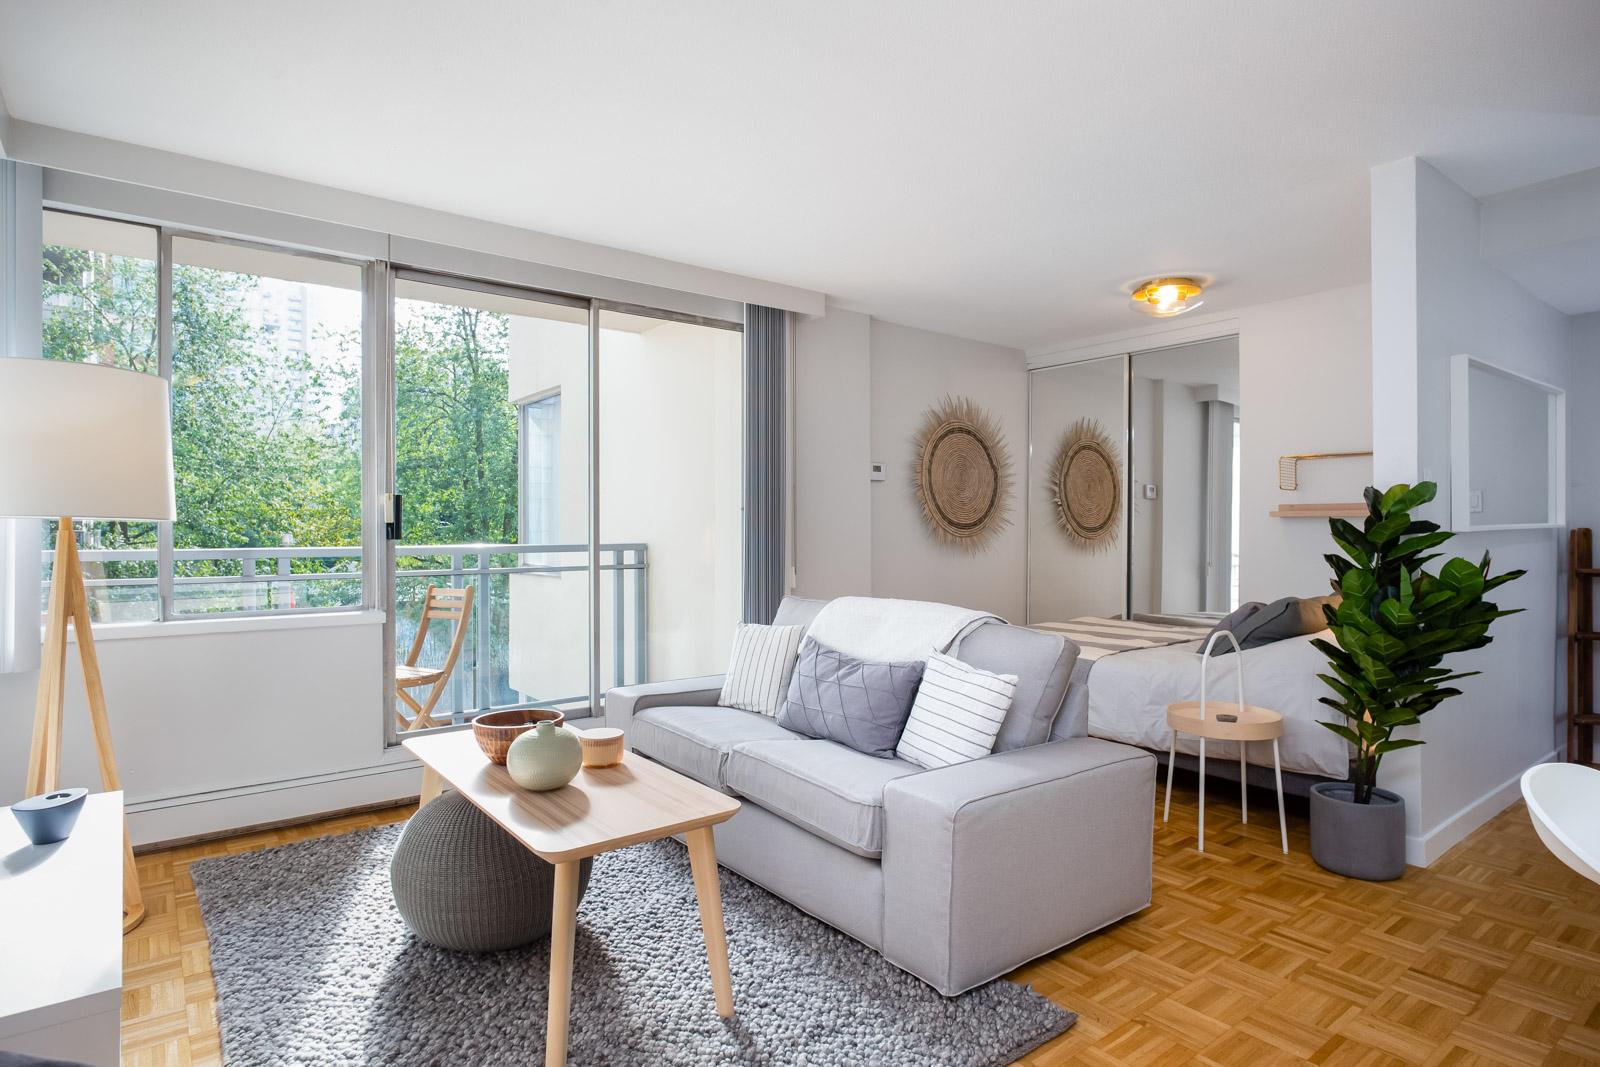 Hollyburn Somerset studio Furnished Rental living room 5 303